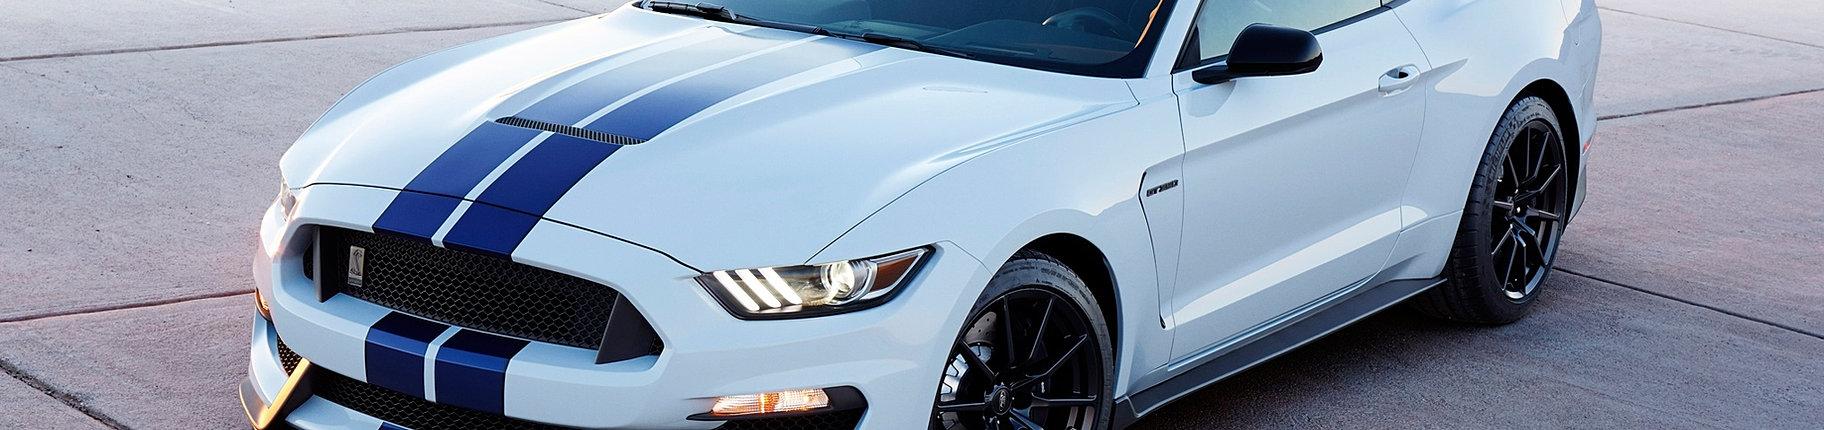 Autopoetsbedrijf den haag 100 klantentevredenheid for Auto en interieur den haag